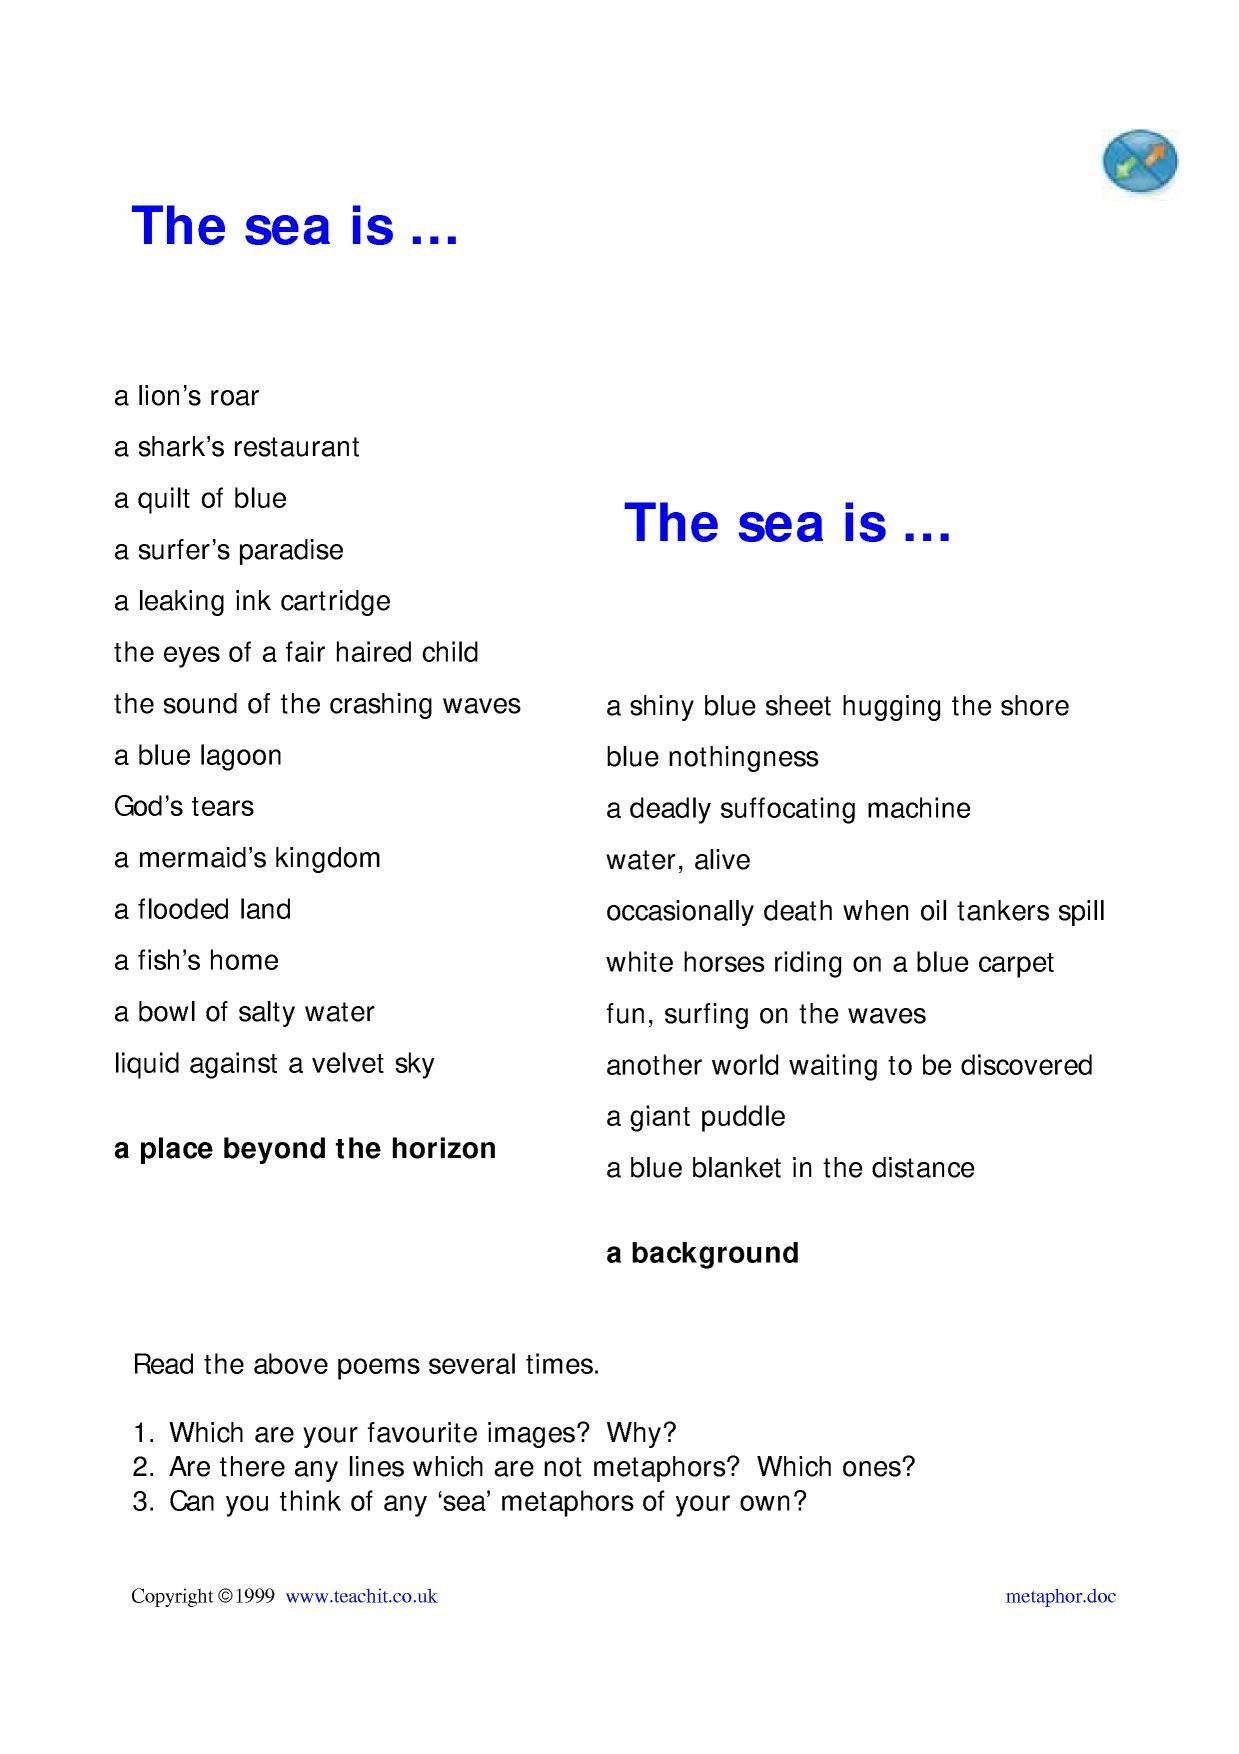 55 Lovely Metaphor Poems For Kids